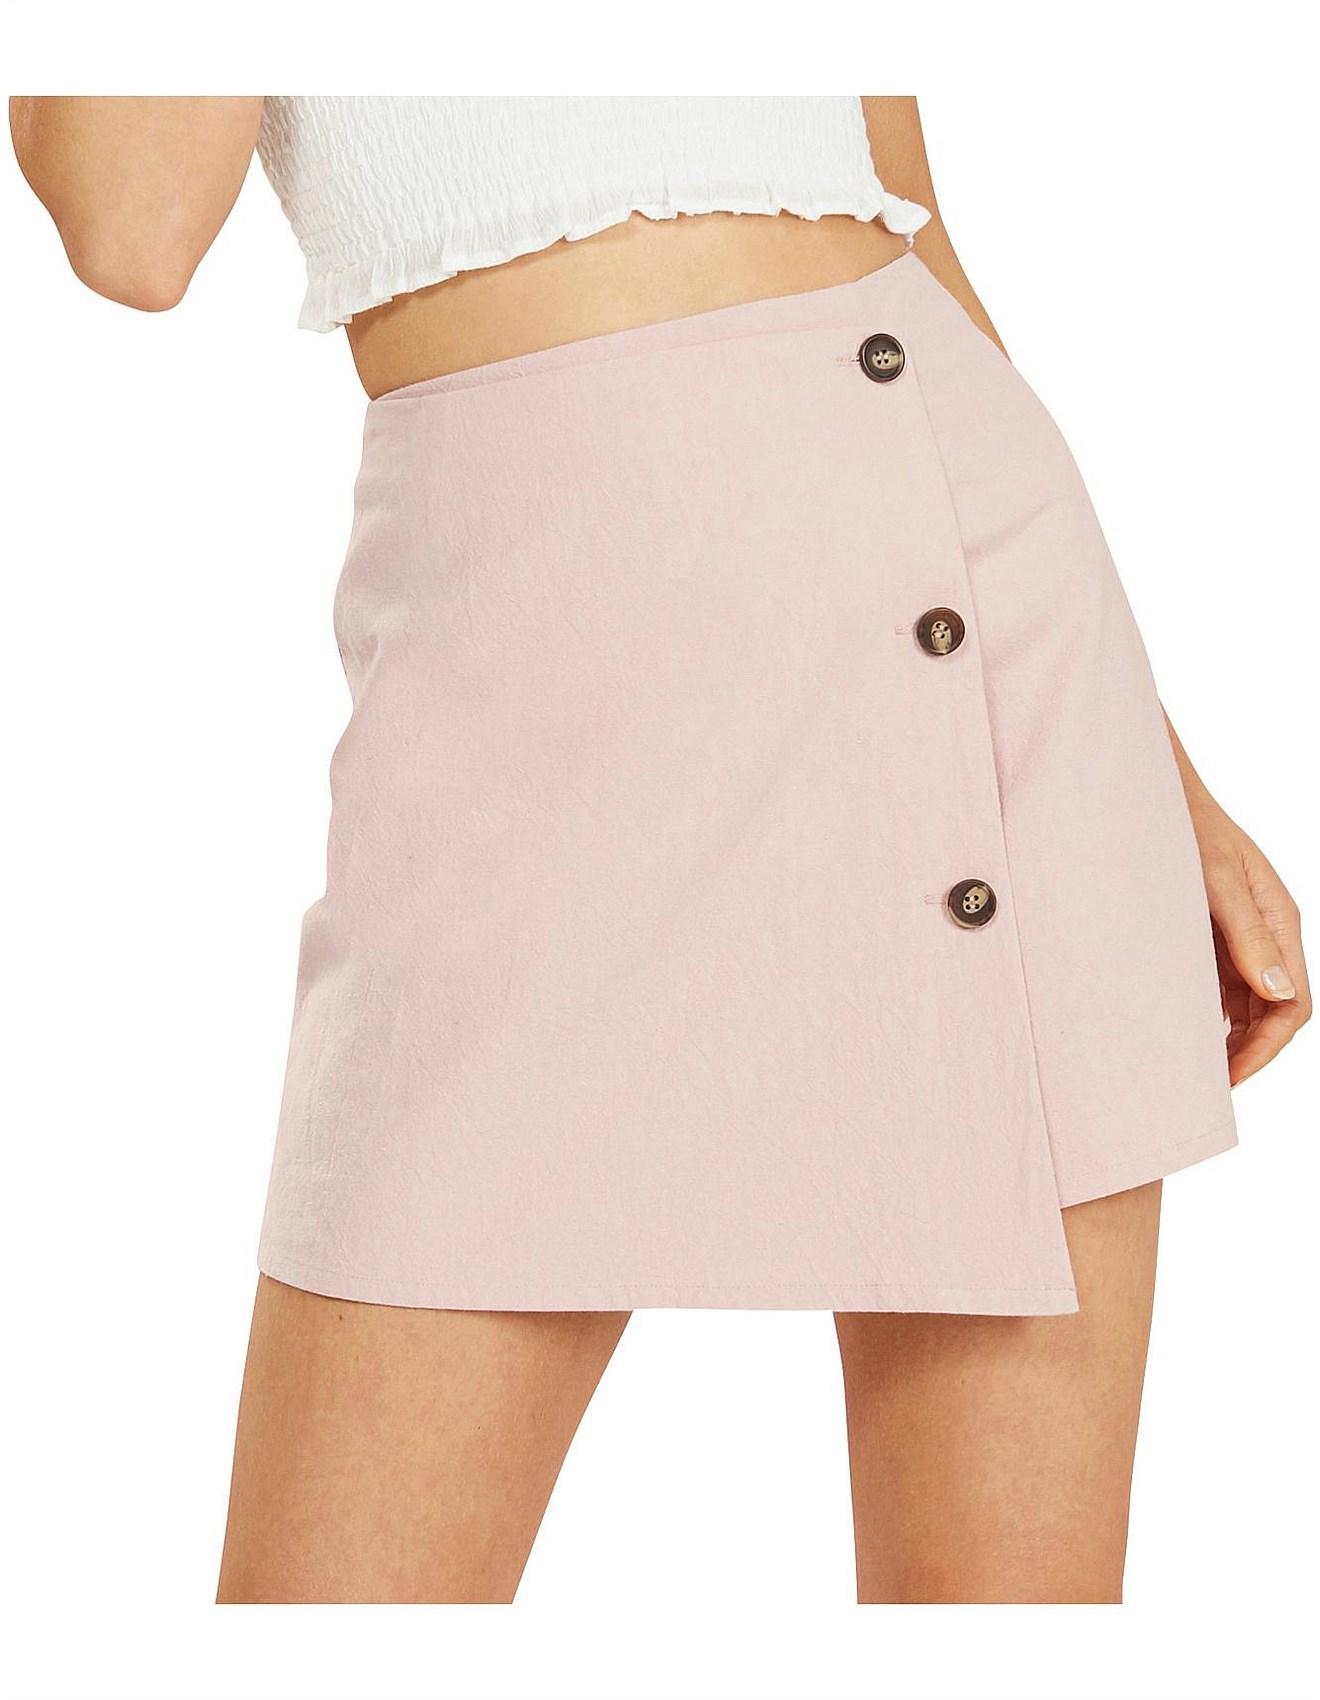 67547f2811 Skirts For Women   Ladies Maxi, Pencil & Denim Skirts   David Jones - FLOSS MINI  STEP HEM SKIRT